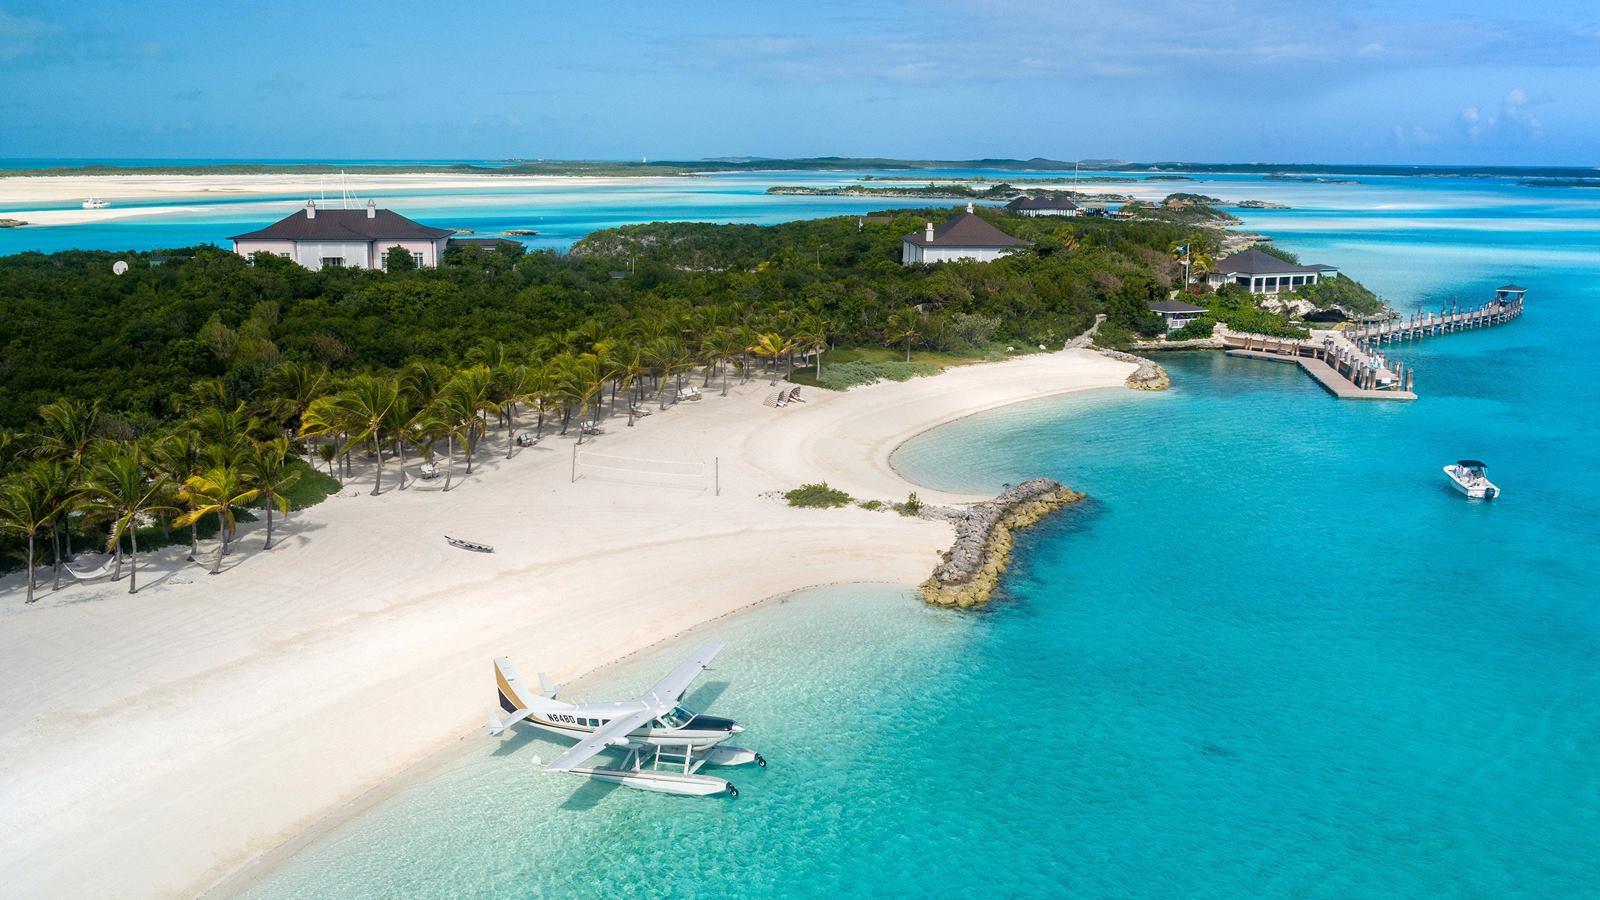 Eiland te koop voor 85.000.000 op de Bahamas 01